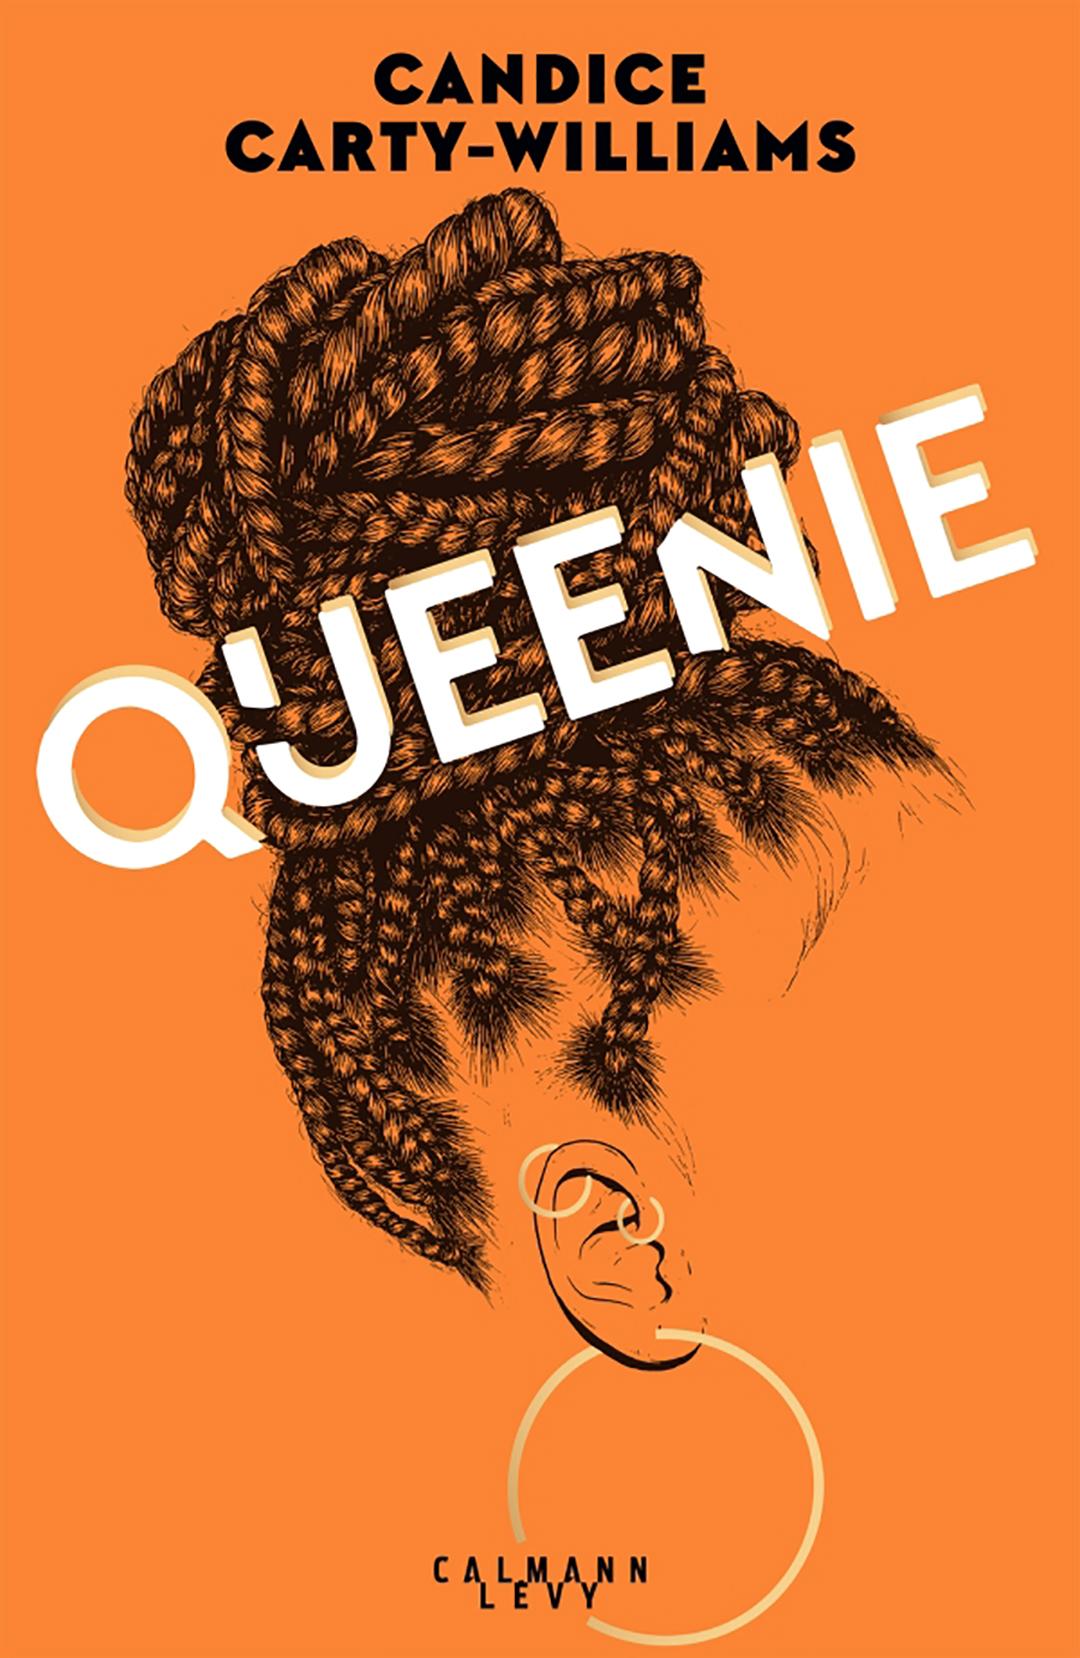 « Queenie », de Candice Carty-Williams, traduit par Christine Barbaste, Calmann Lévy, 368 pages, 20,90 euros.